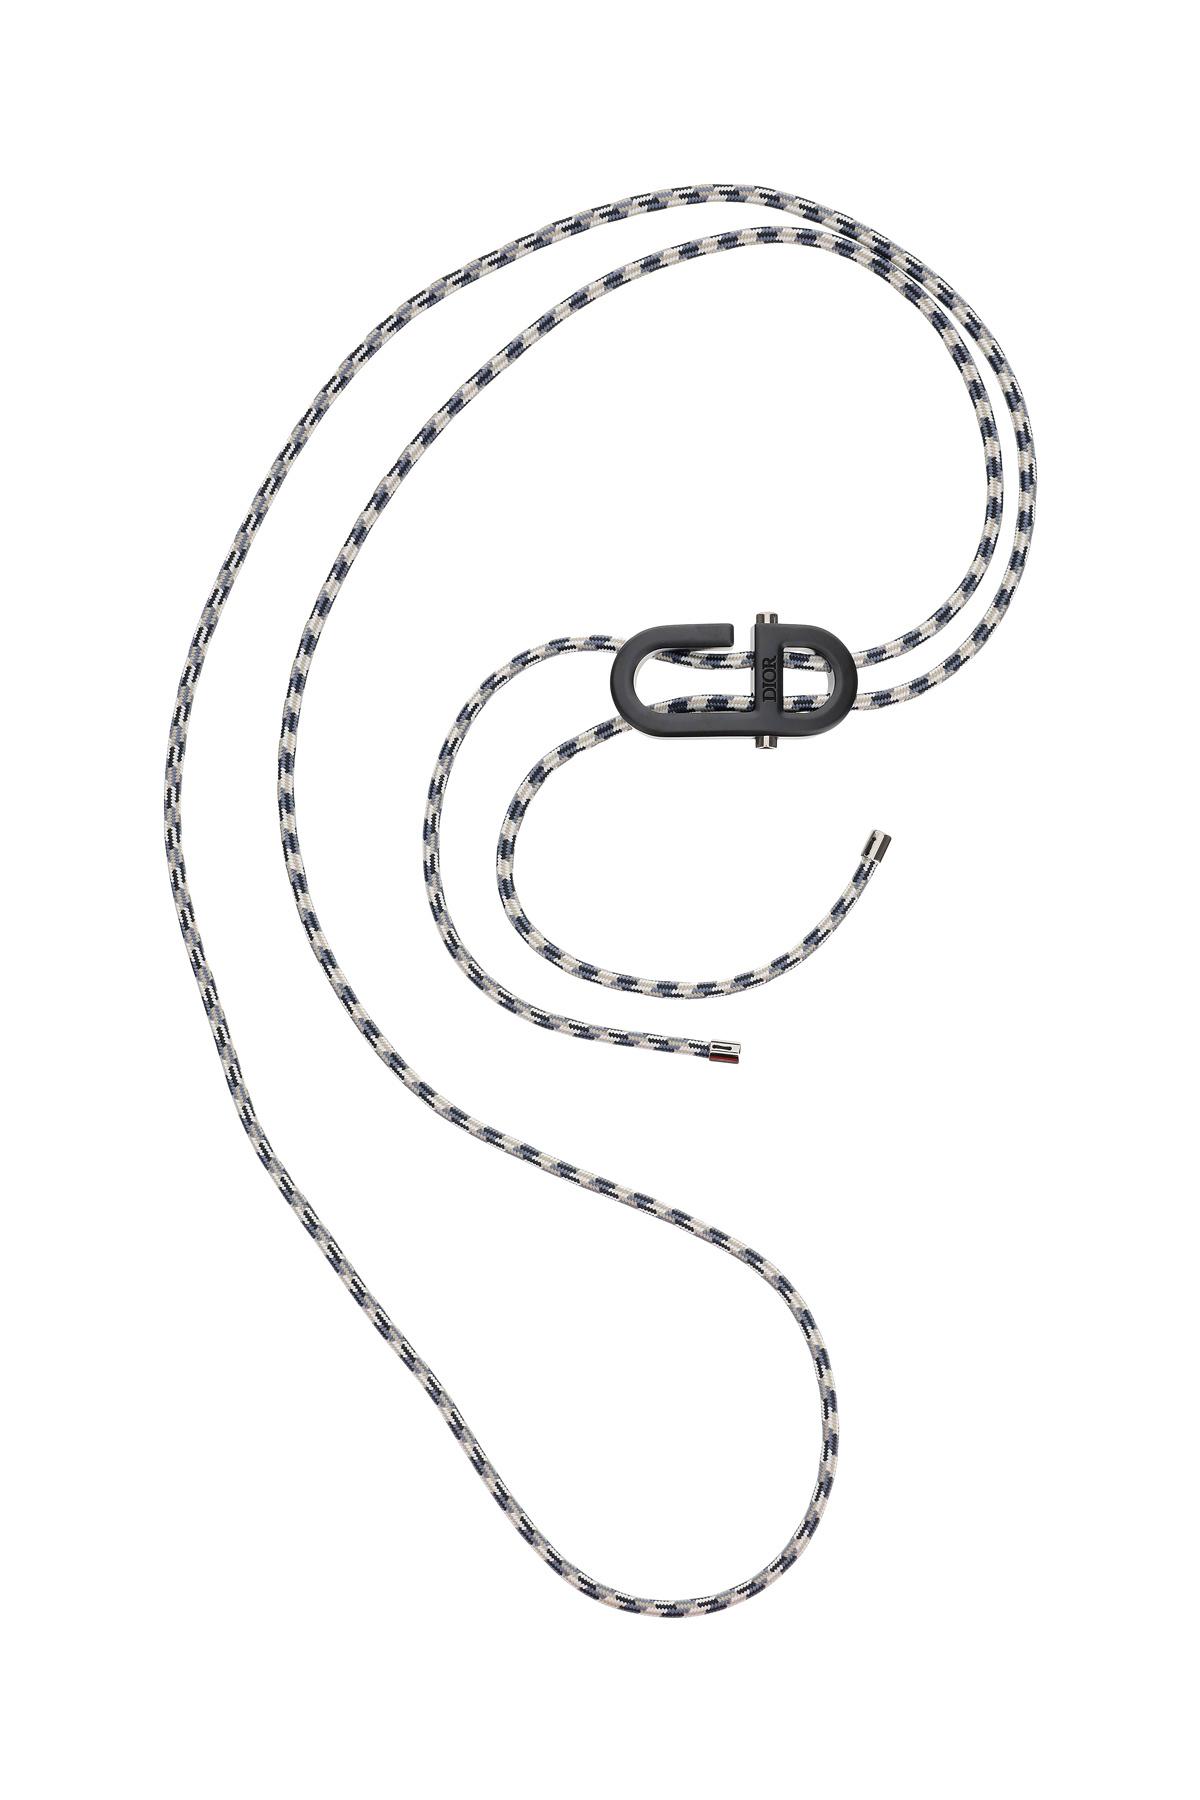 Dior cintura cd in corda